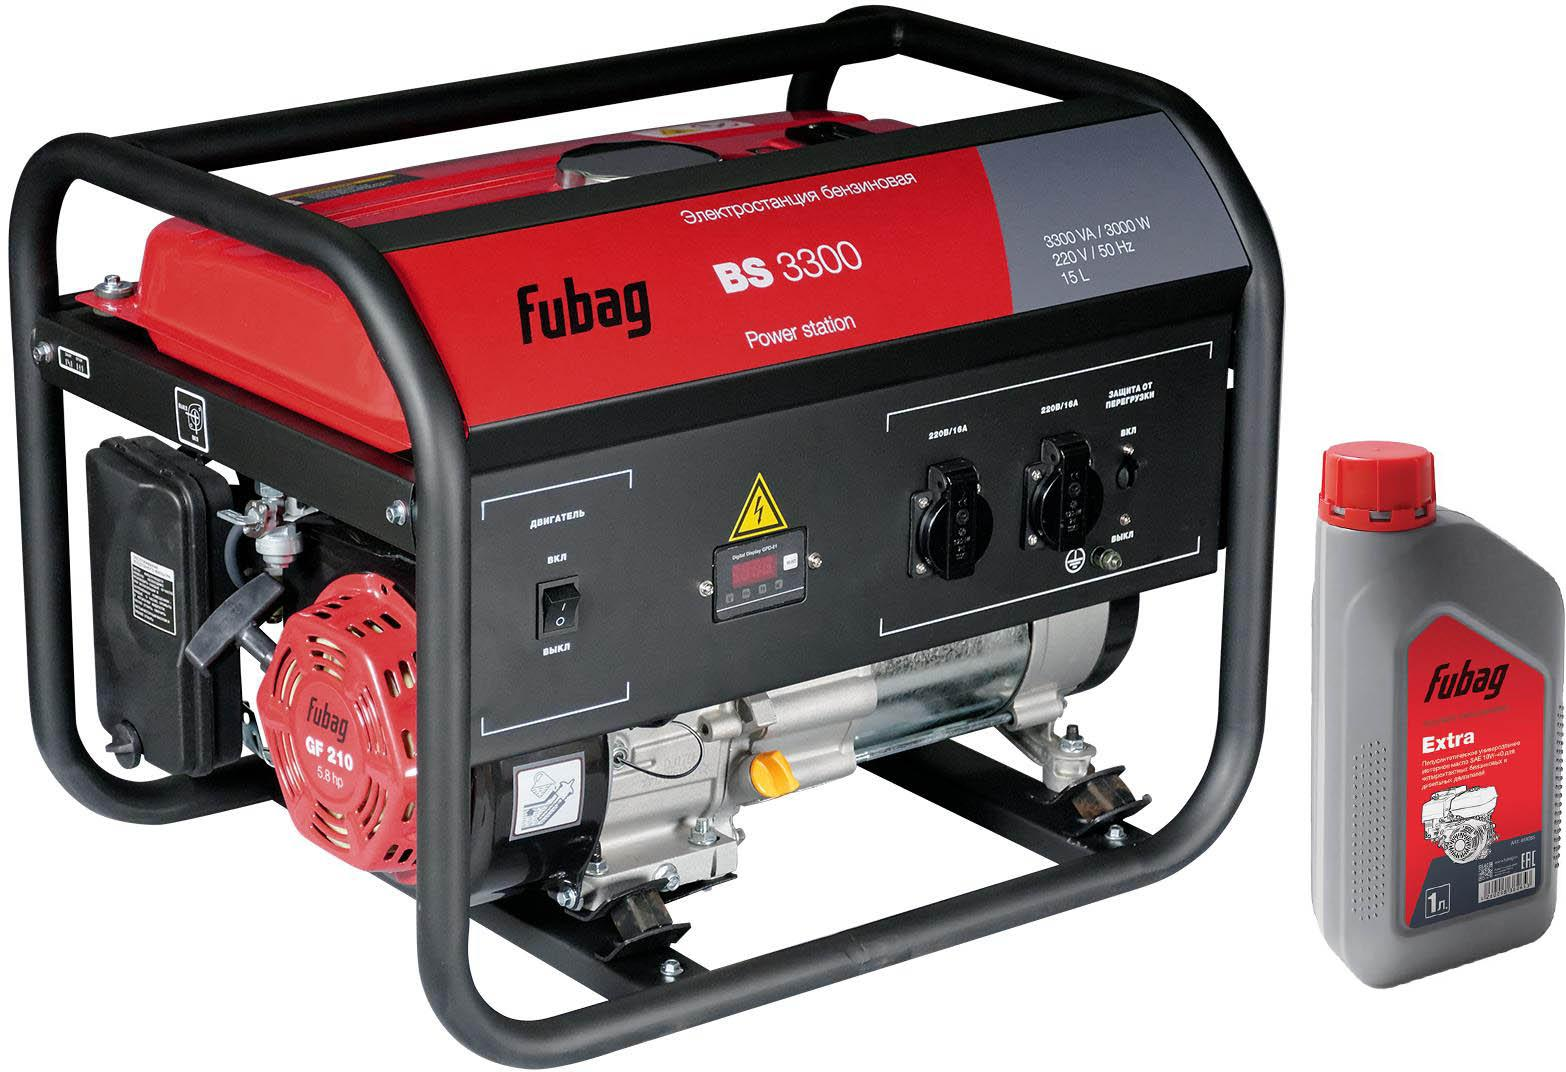 Бензиновый генератор Fubag Bs 3300 +Масло моторное extra 838265 все цены